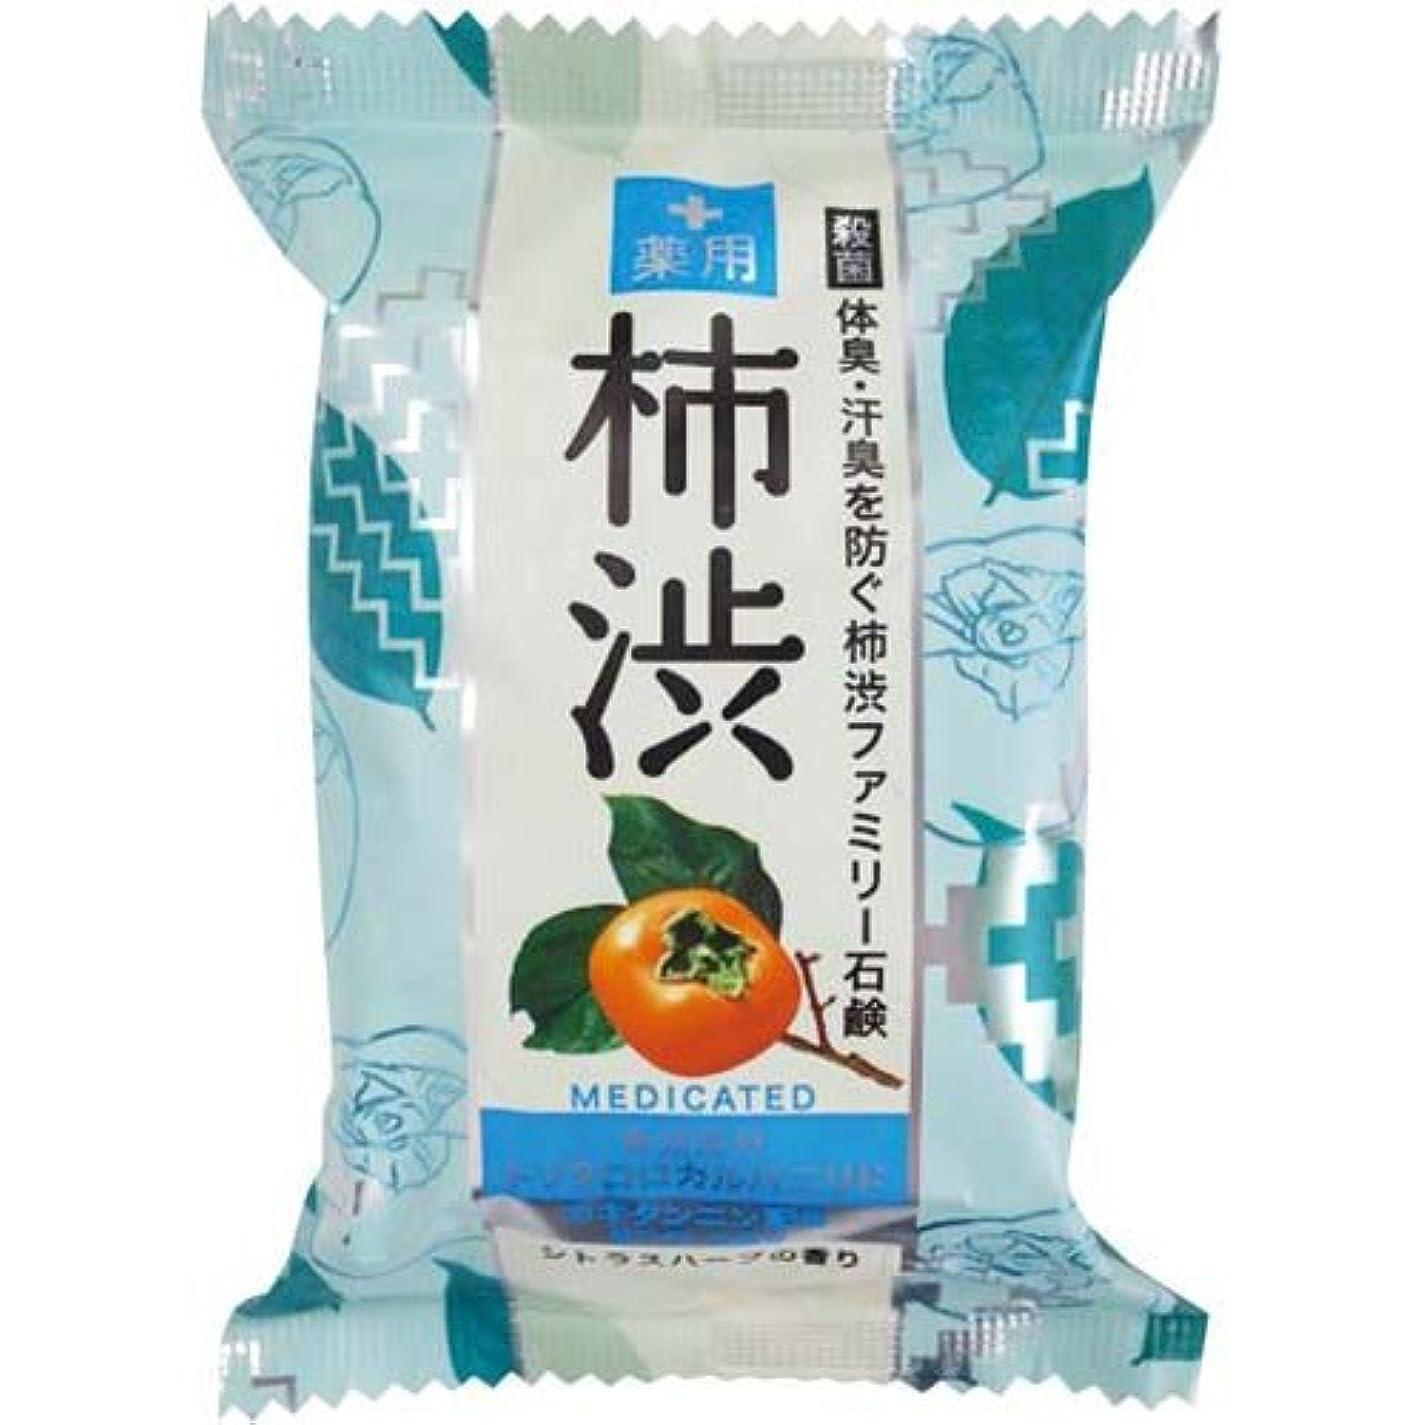 床ミリメートル大いにペリカン石鹸 薬用ファミリー柿渋石鹸×6個×4箱